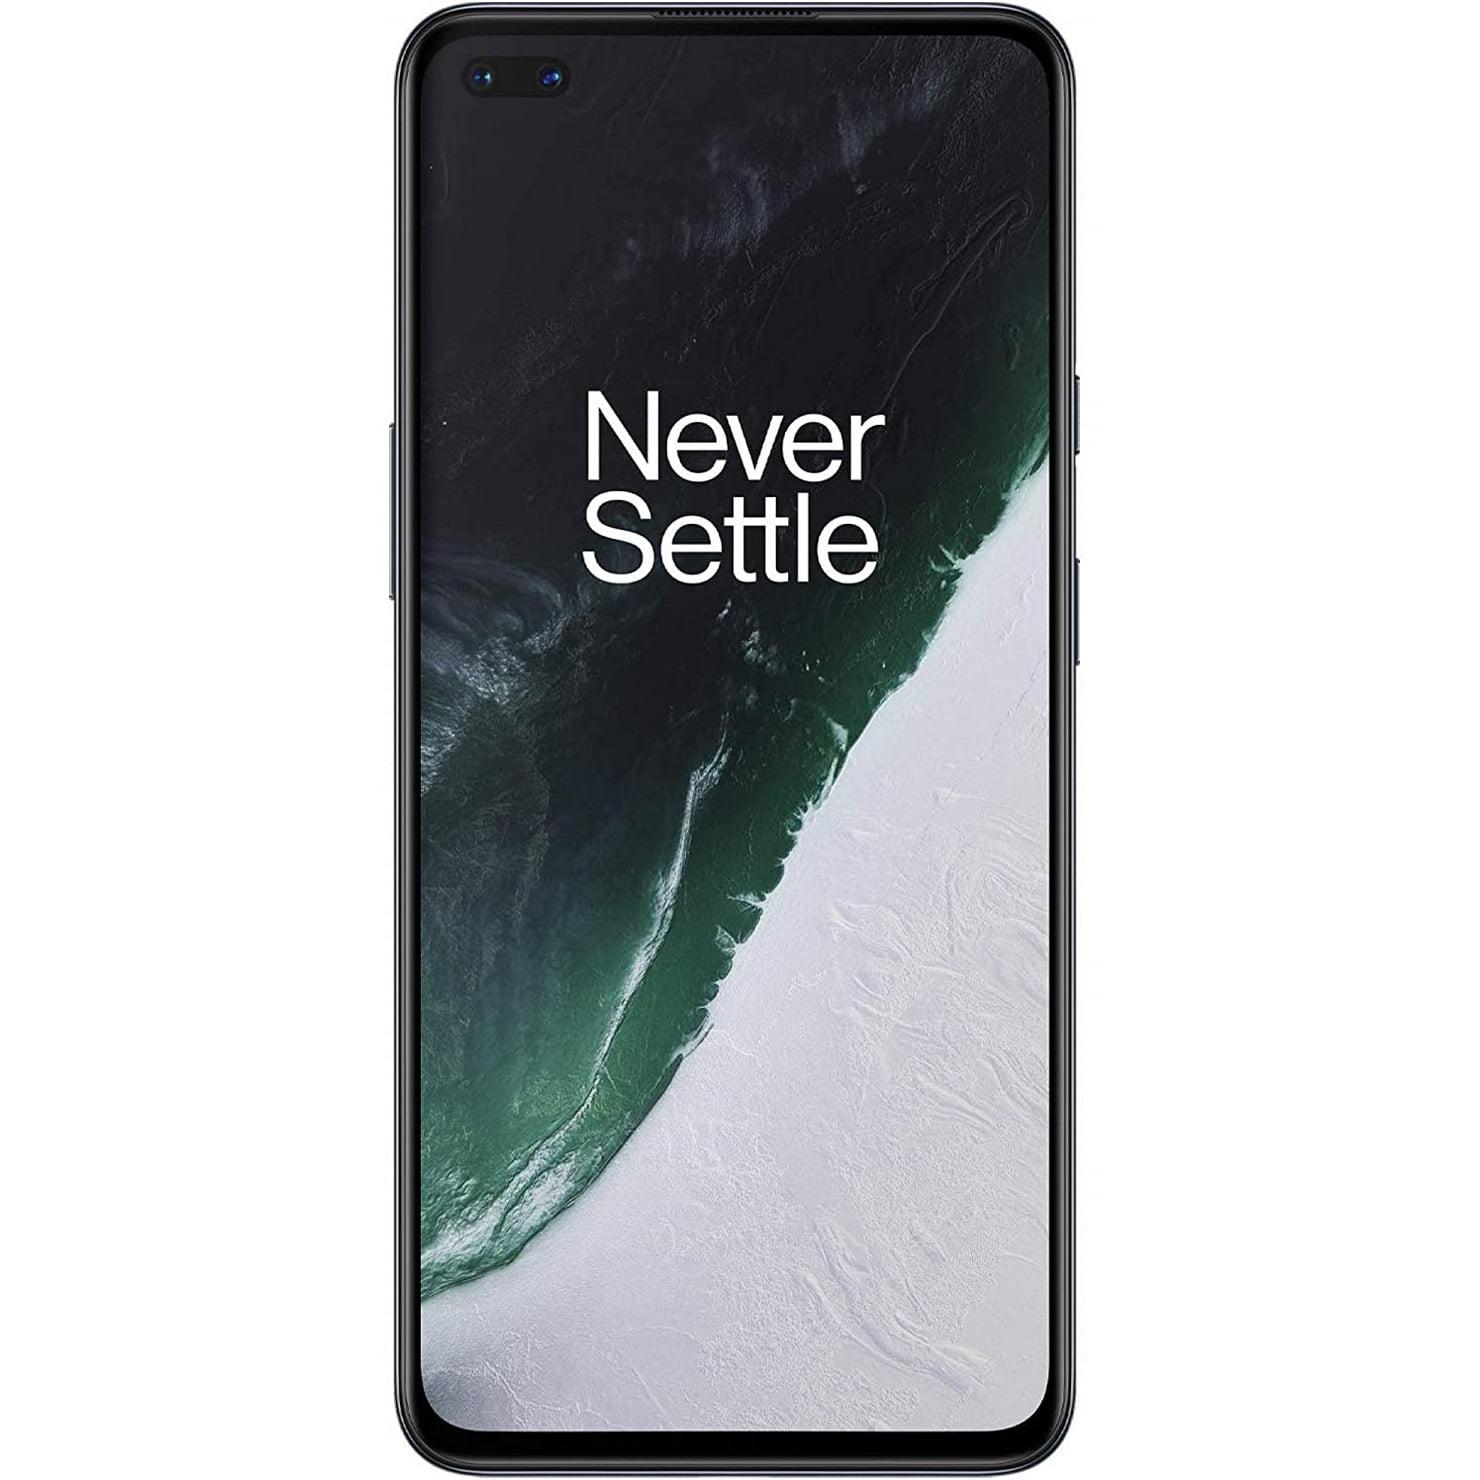 Telefon mobil OnePlus Nord, Dual SIM, 256GB, 12GB RAM, 5G, Ash Gray